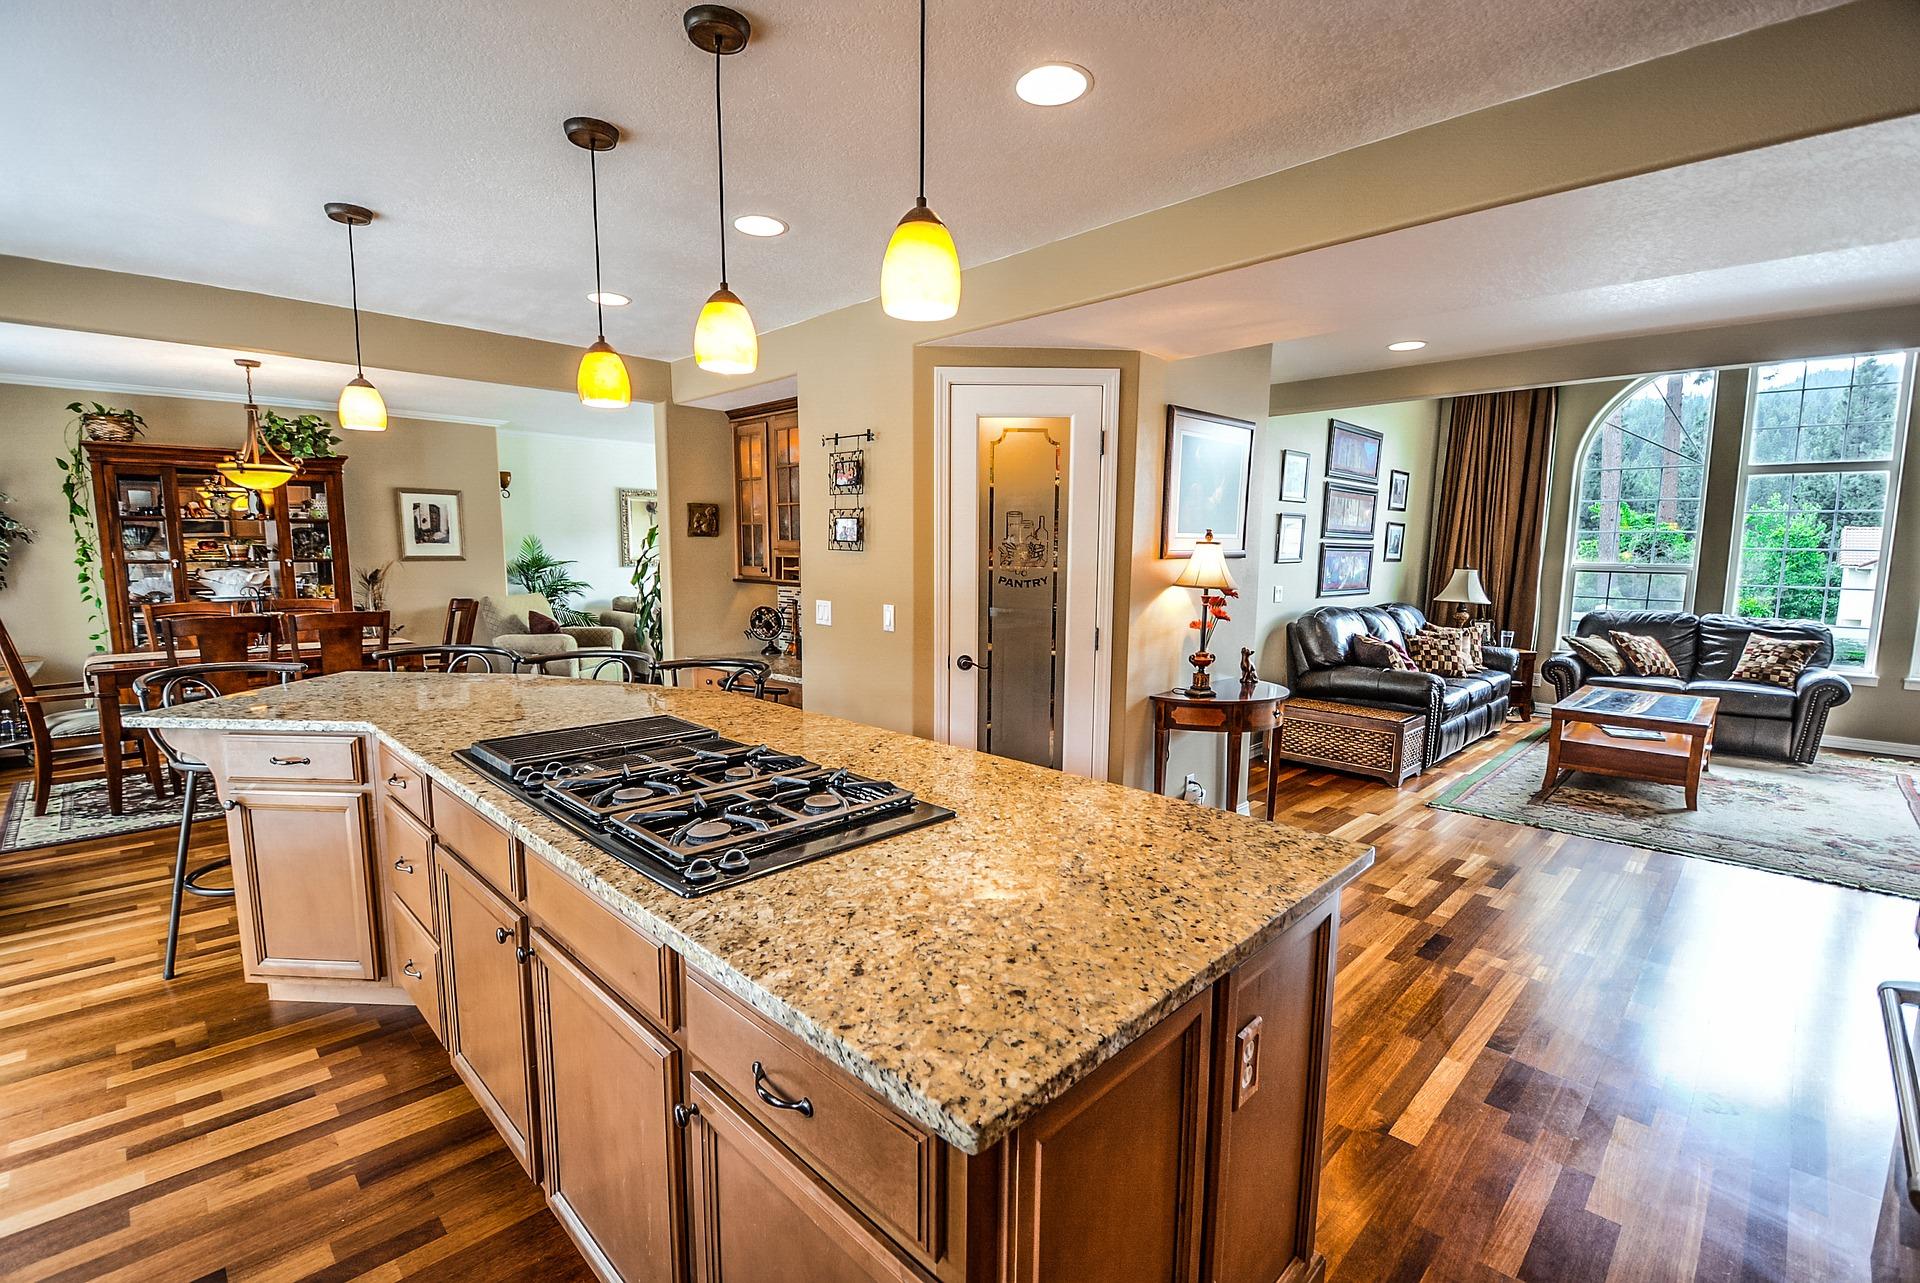 Comment vendre un bien immobilier rapidement ?